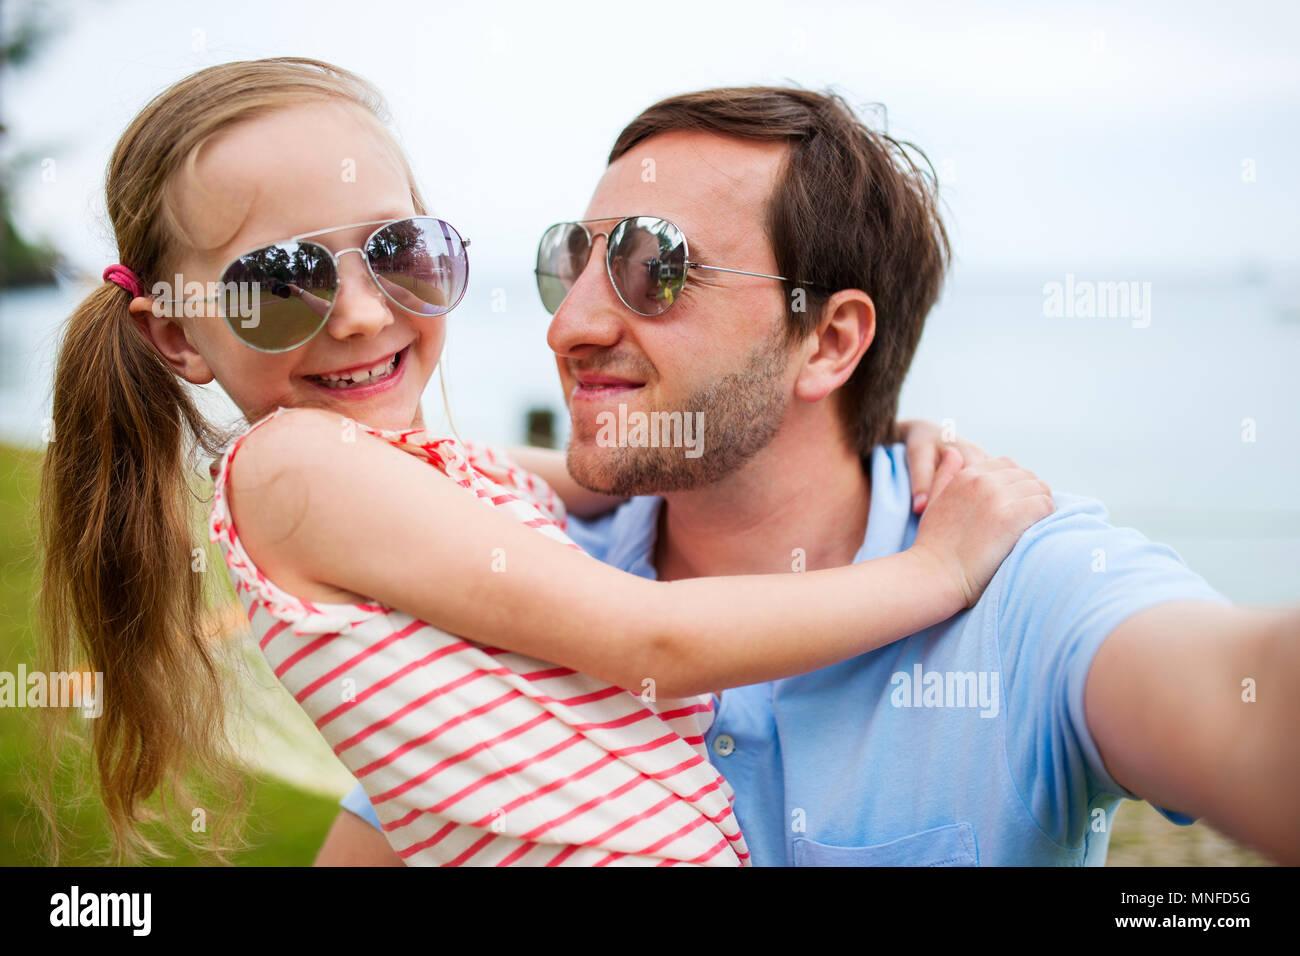 Glückliche Familie Vater und seinem süßen kleinen Tochter am Strand machen selfie Stockbild